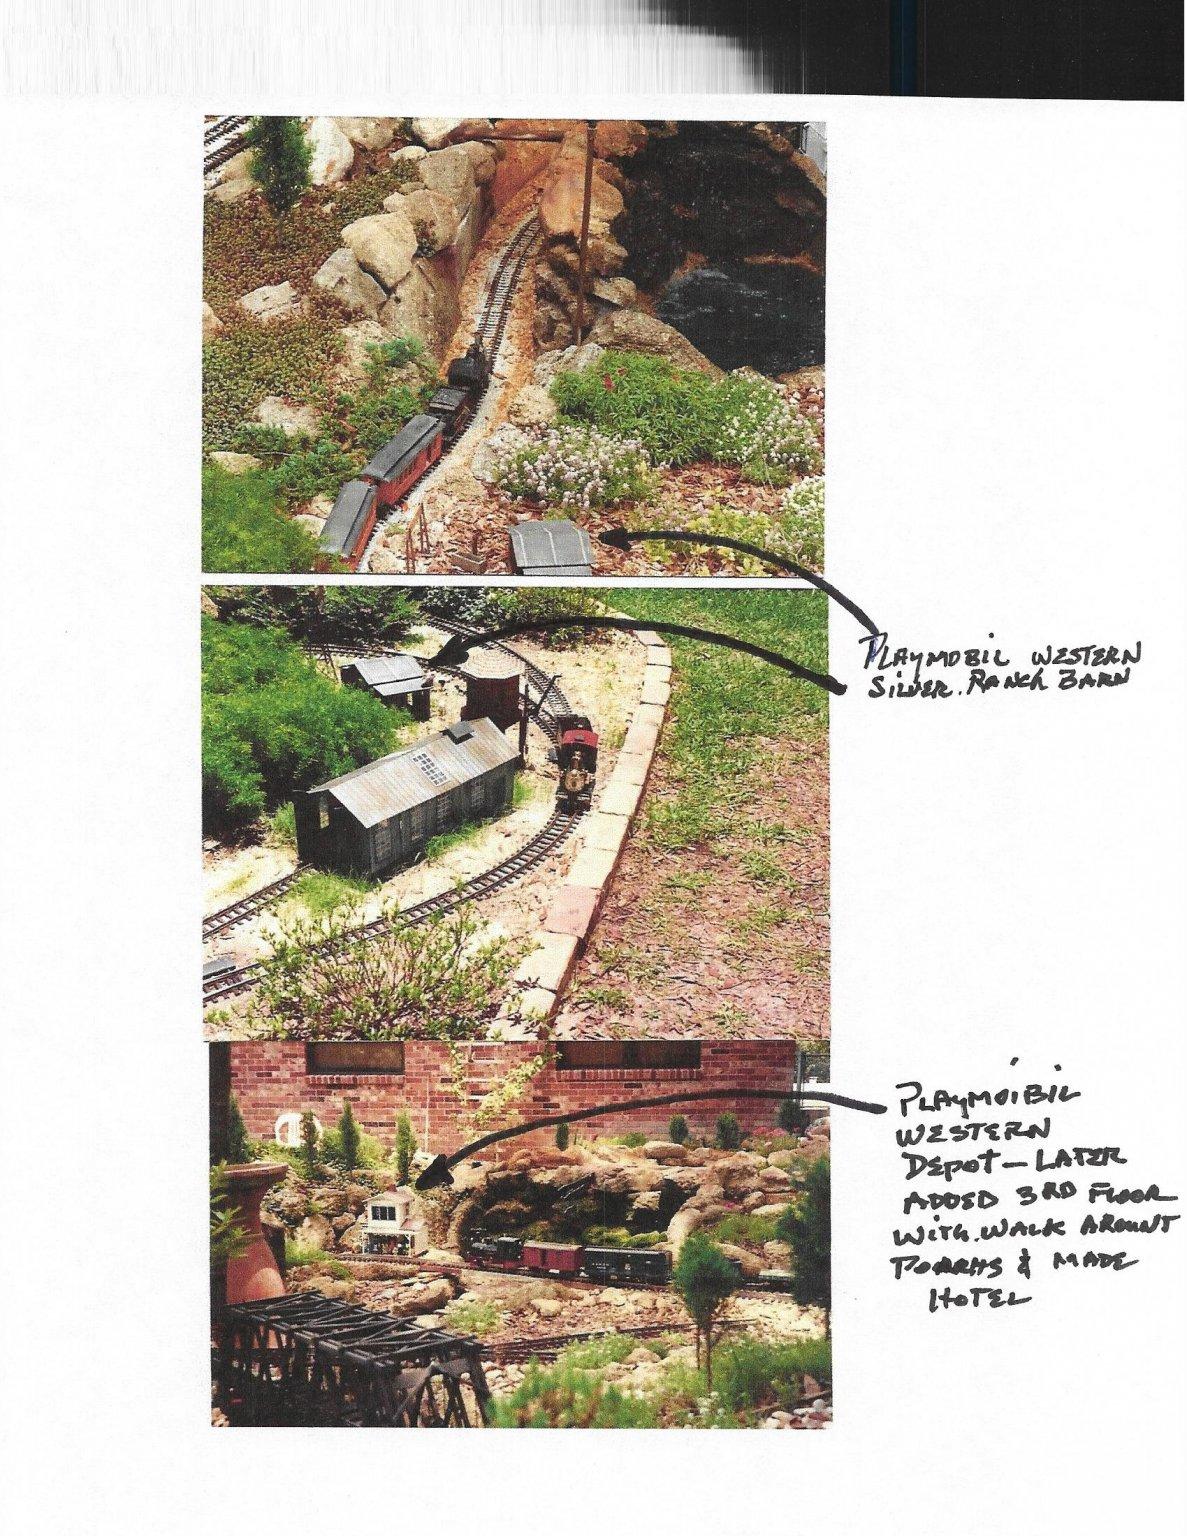 playmobil in the garden 2.jpg